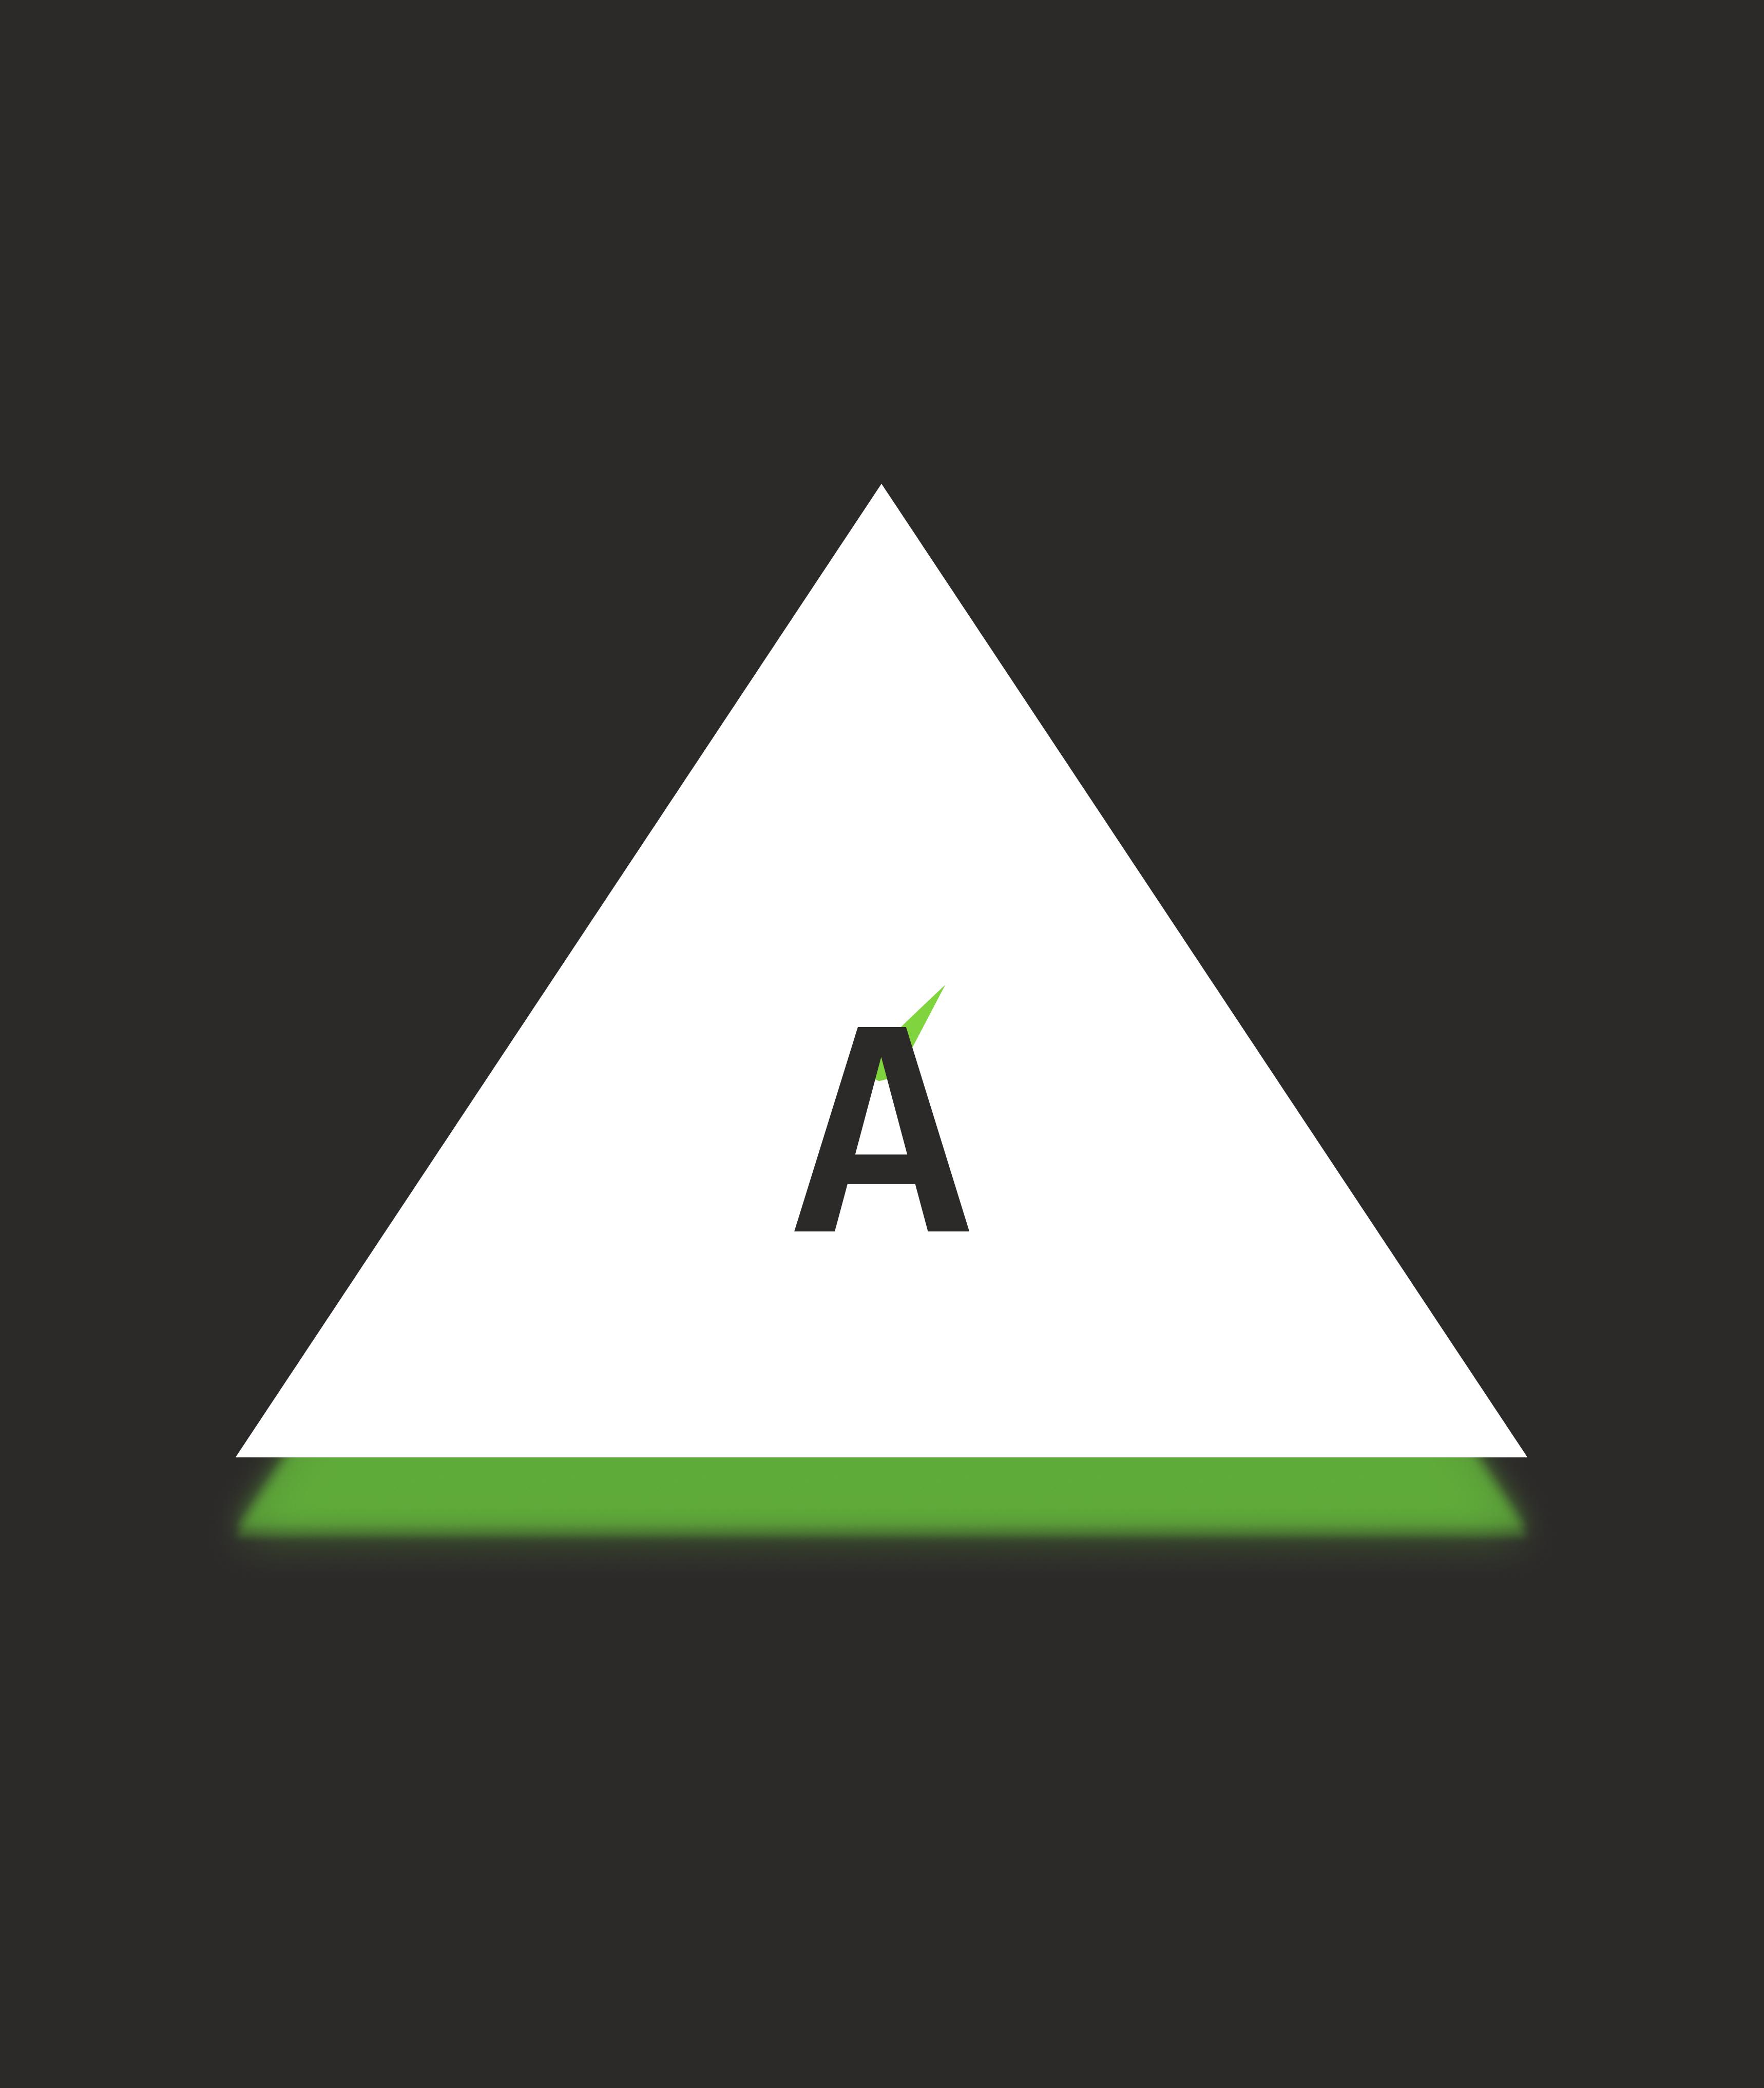 Логотип и фирменный стиль фото f_4445f044c2350558.png